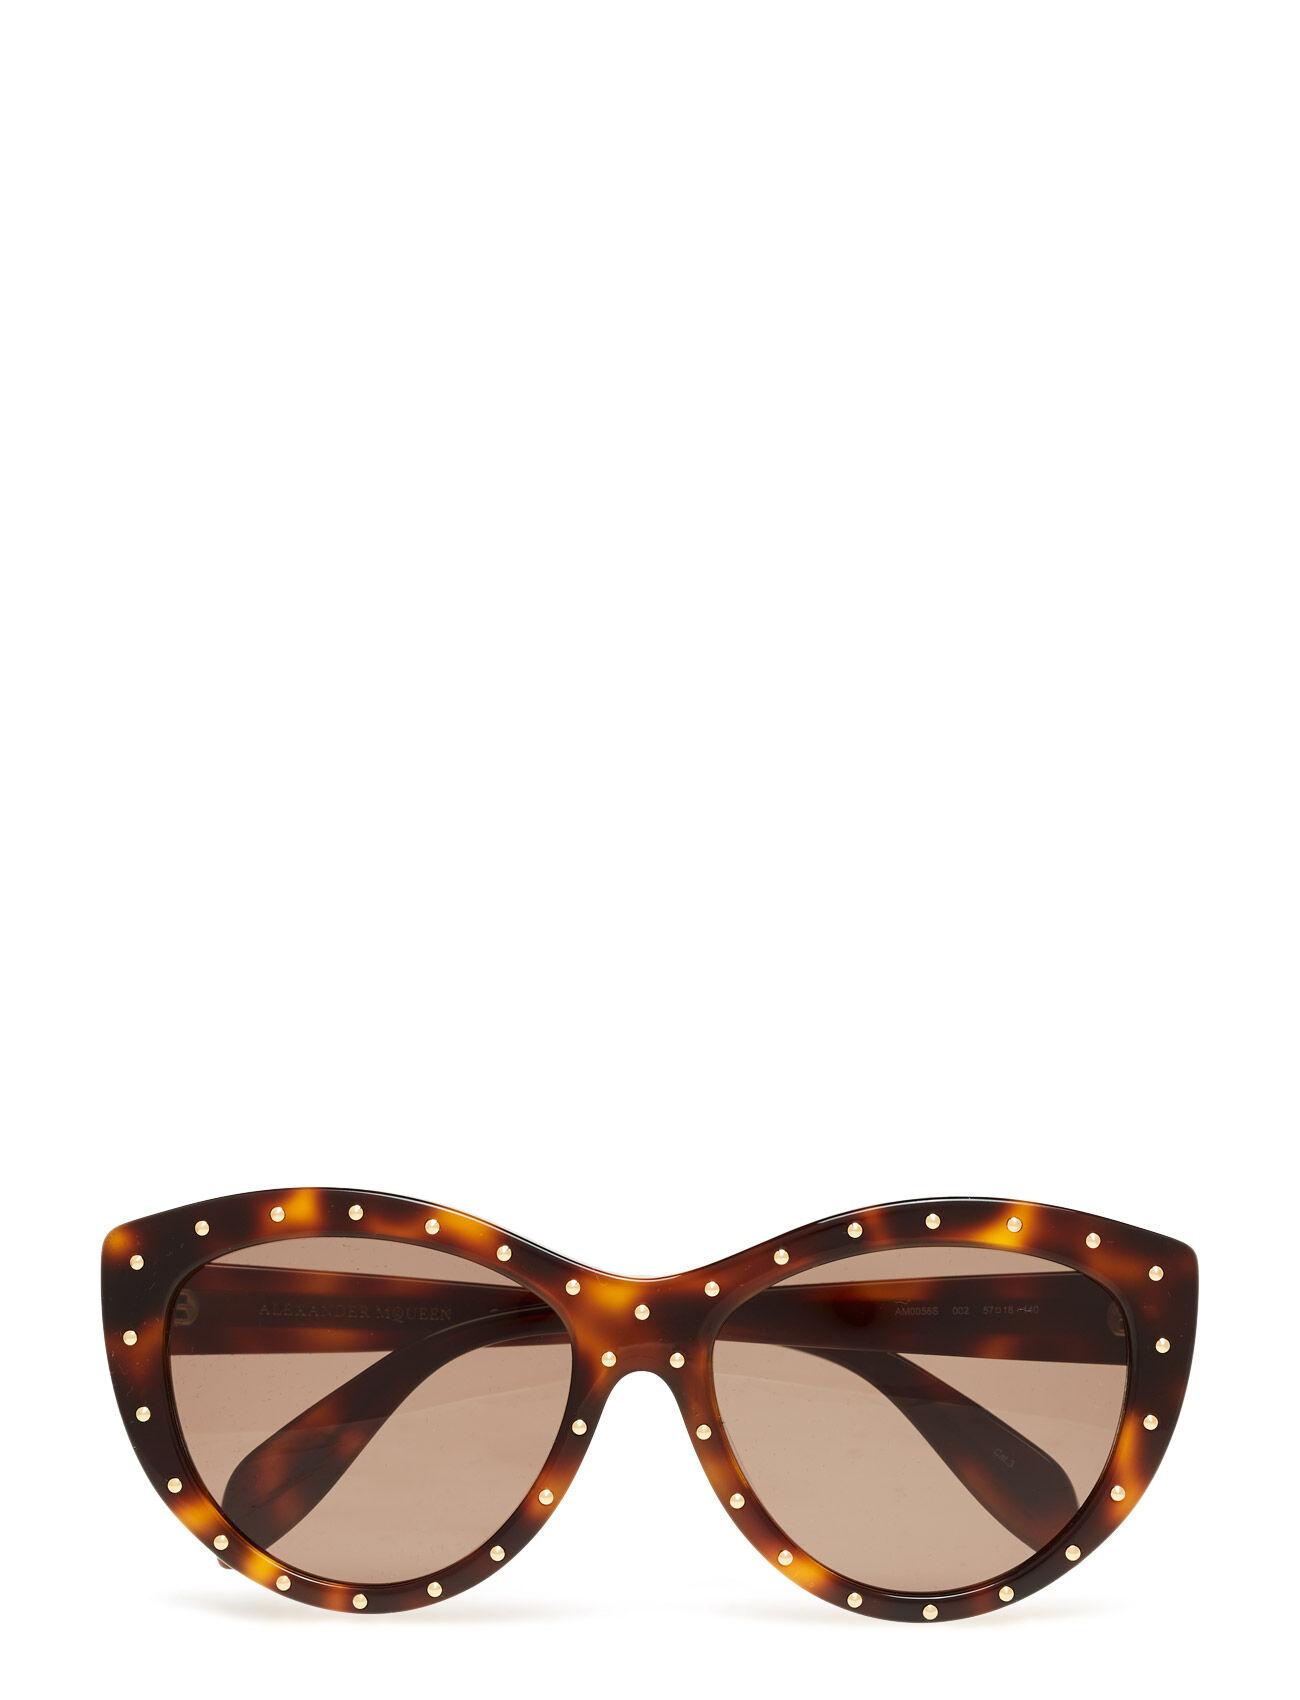 Alexander McQueen Eyewear Am0056s